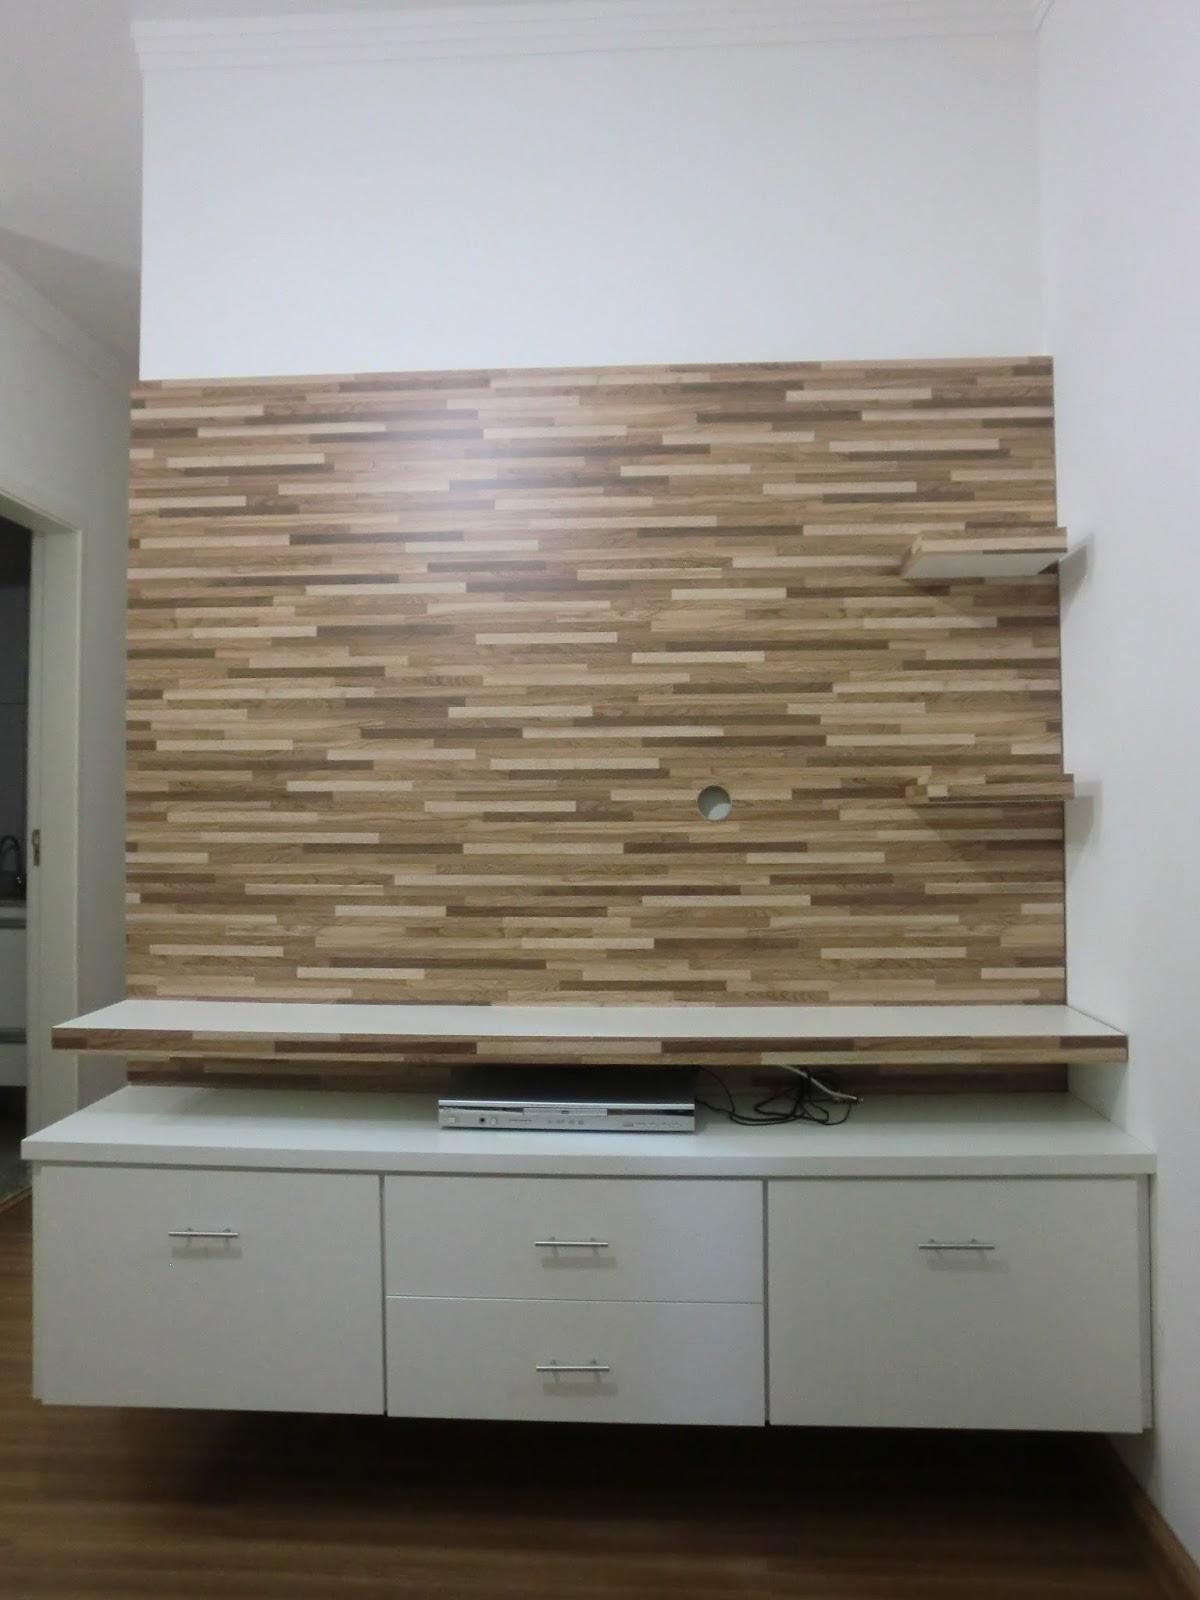 #2A2216 Casa e Reforma Visita Apartamento novo dos nossos amigos Casa e  1200x1600 px Banheiros Decorados Lilas 1007